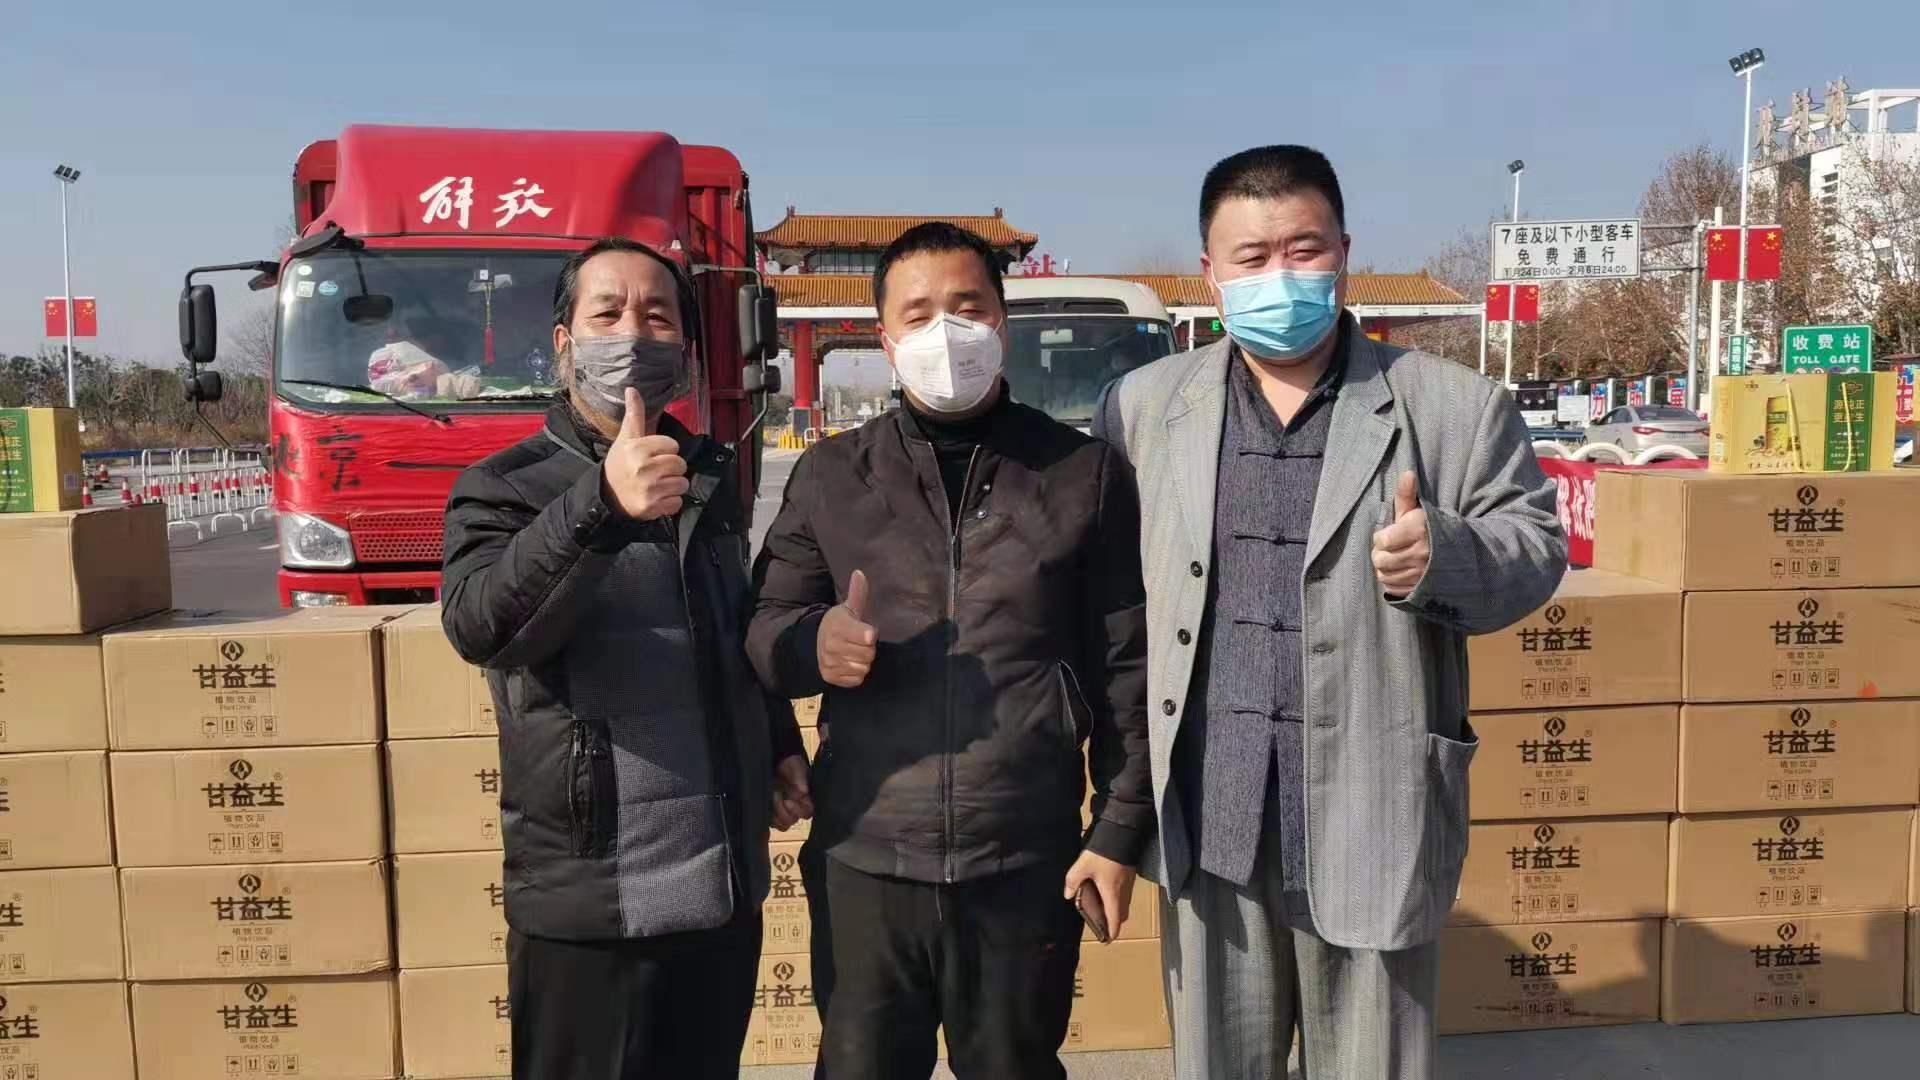 汴梁公益 助力开封抗疫北京爱心企业家星夜奔程送物资